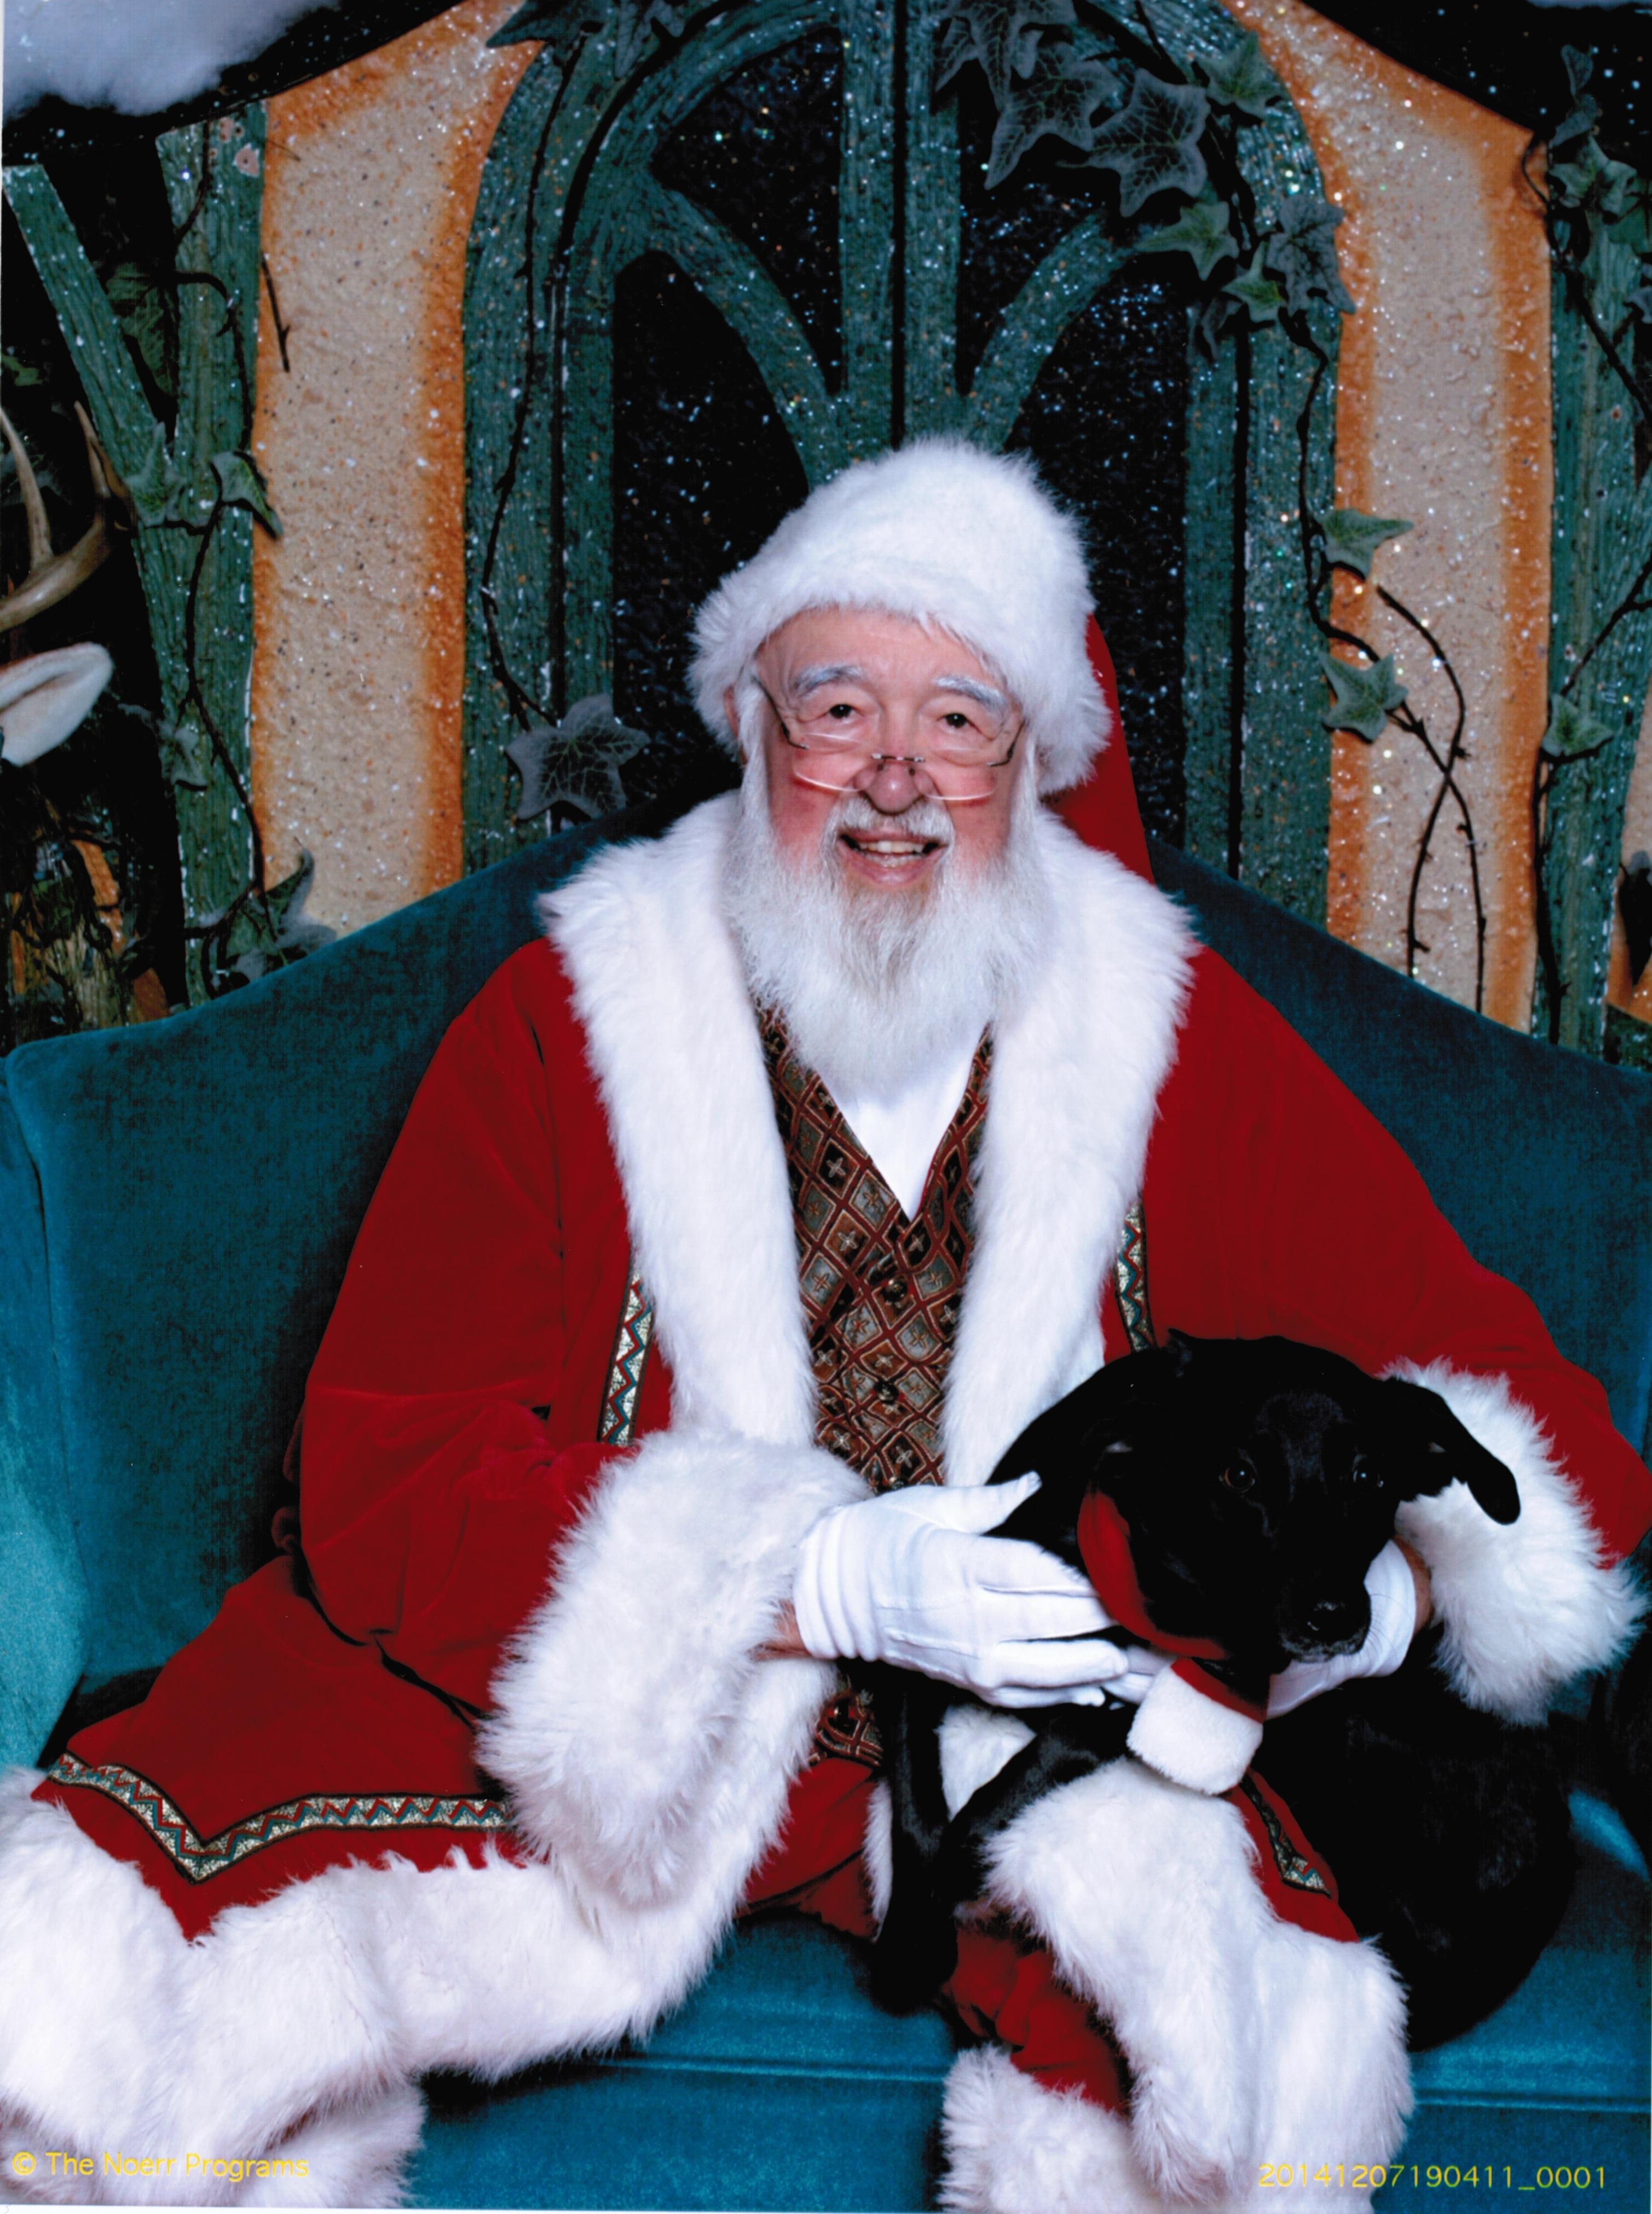 Phoebe & Santa